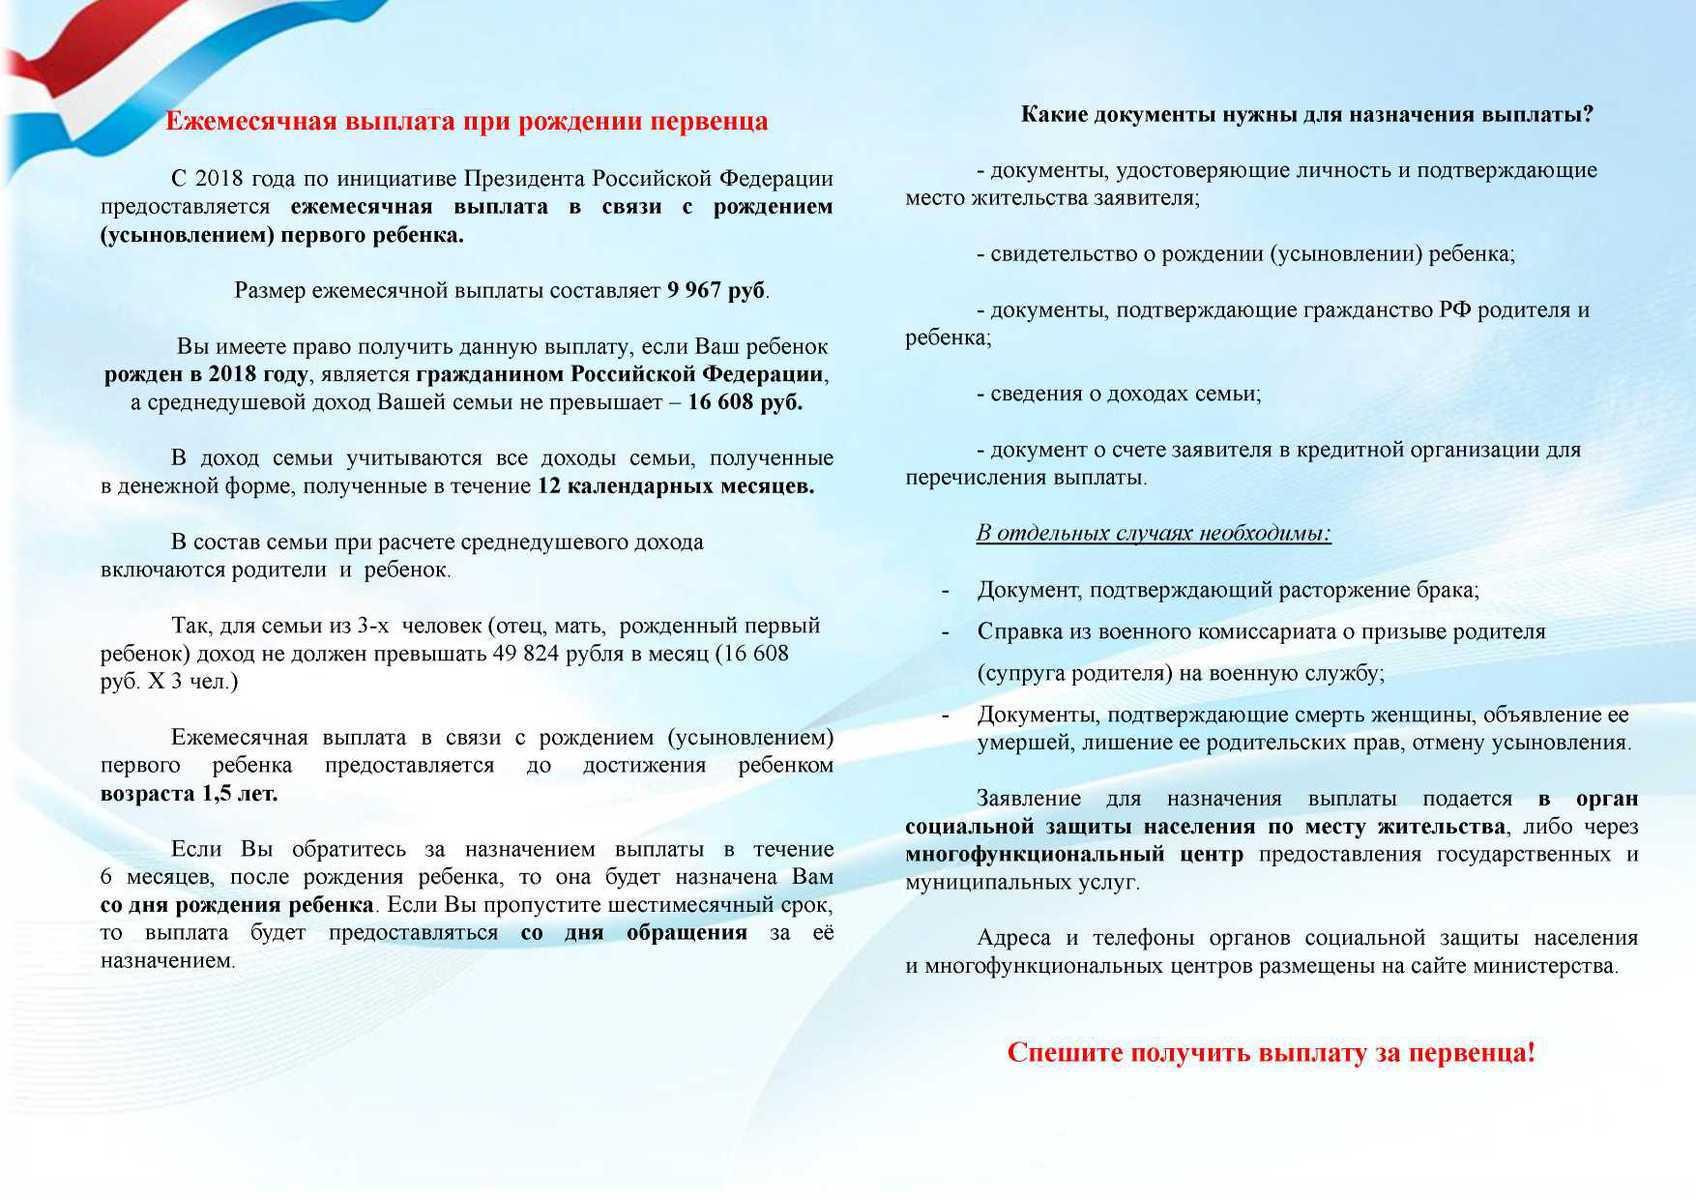 Сайт для проверки медицинской книжки по Москве Восточный